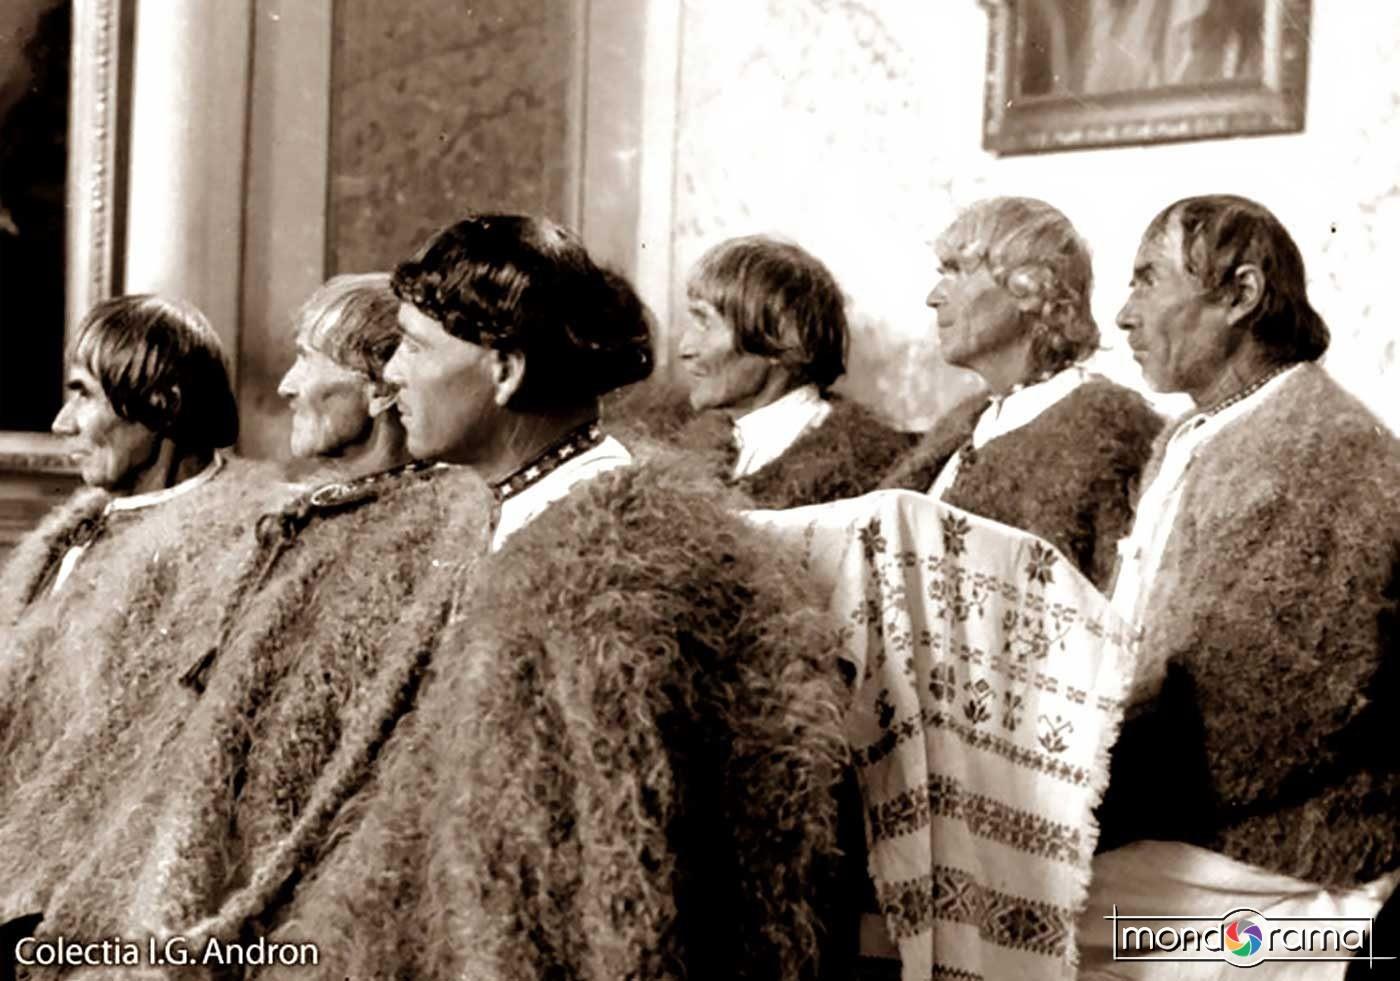 © Ionita G. Andron: Batrani in biserica (Sfetnicii lui Decebal), 1939, Colectia Muzeului Tarii Oasului.